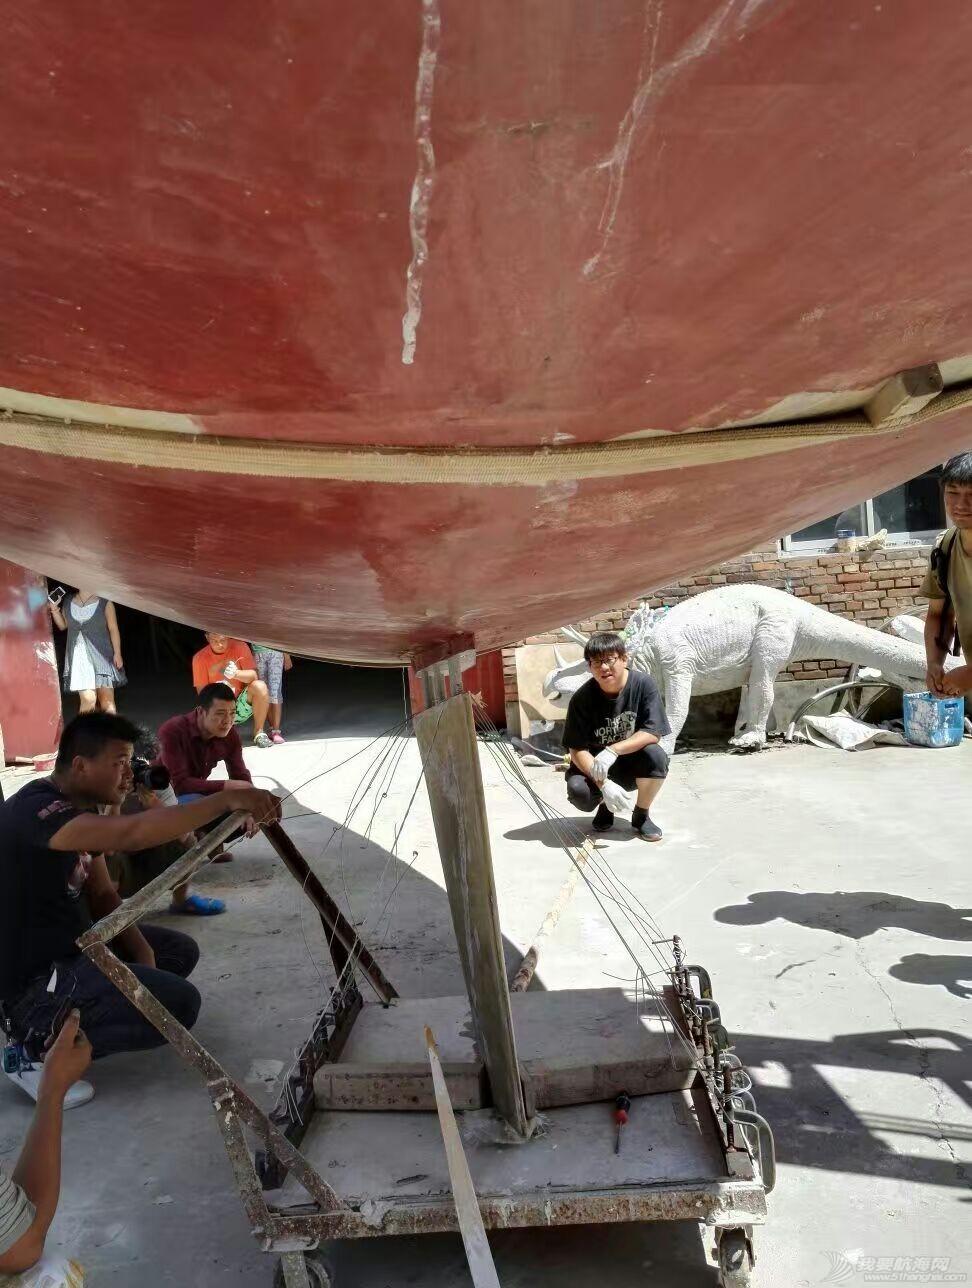 帆船 GR-750帆船龙骨安装 mmexport1472337973123.jpg